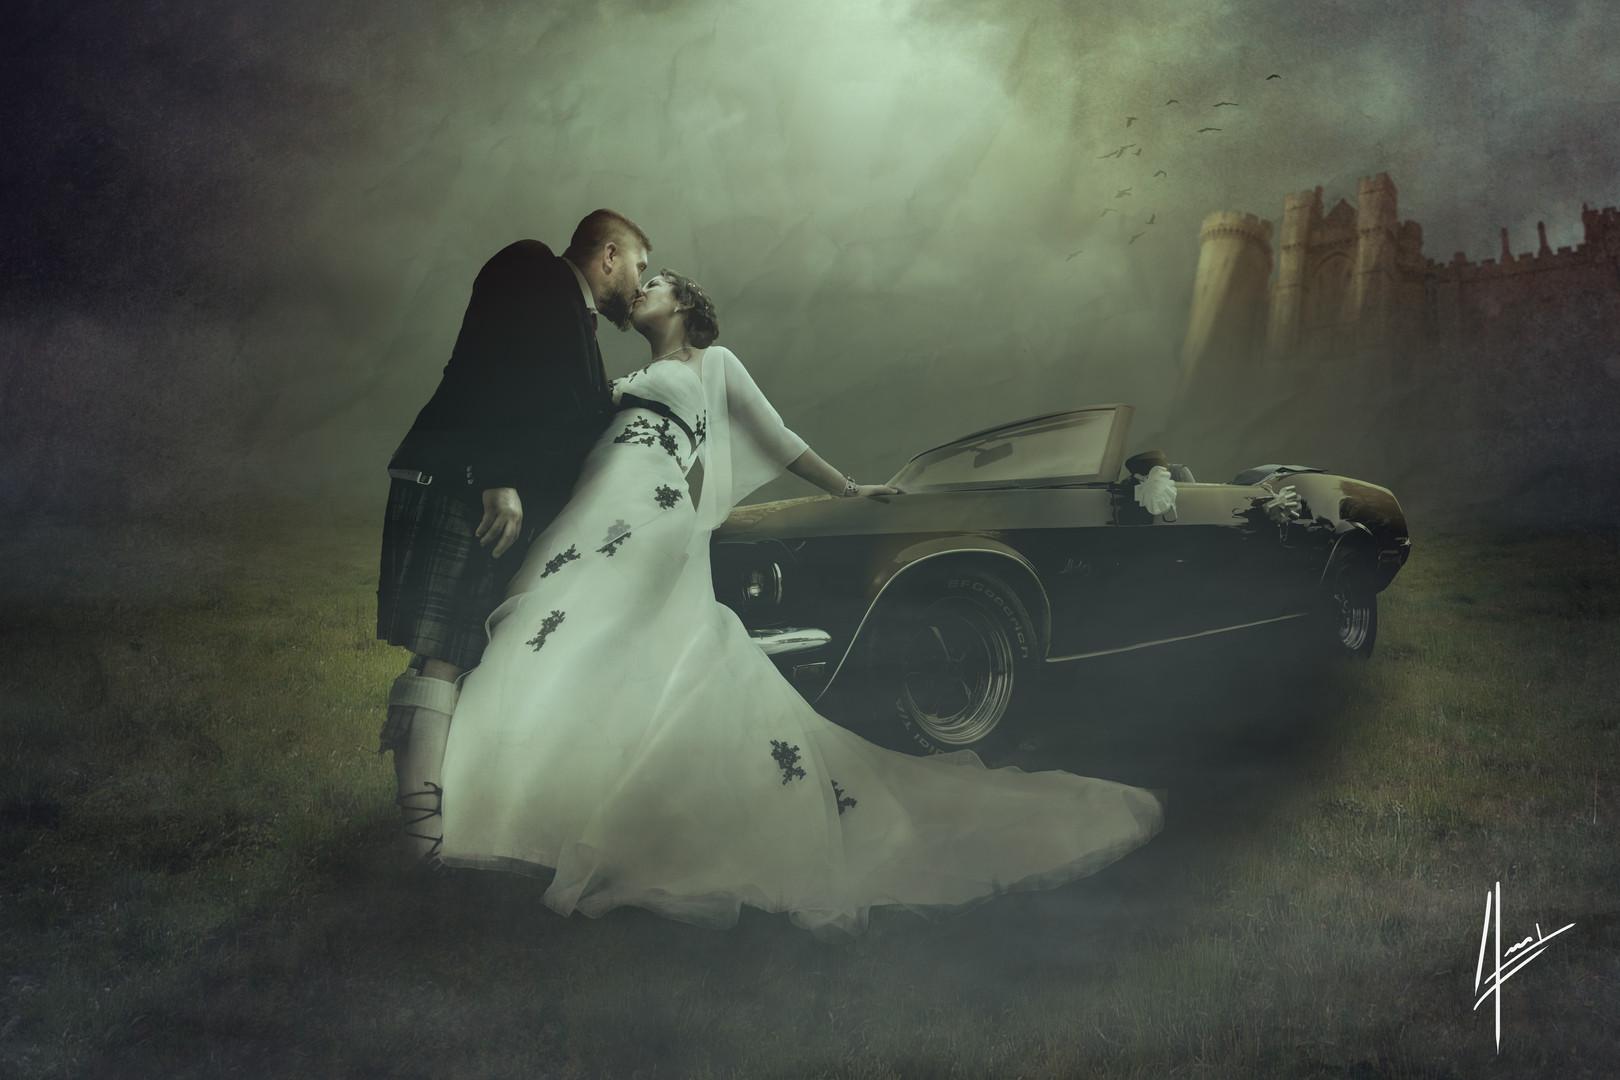 MARIAGE_CREATIV_COMPOSITING_©Patrice_DEJEAN